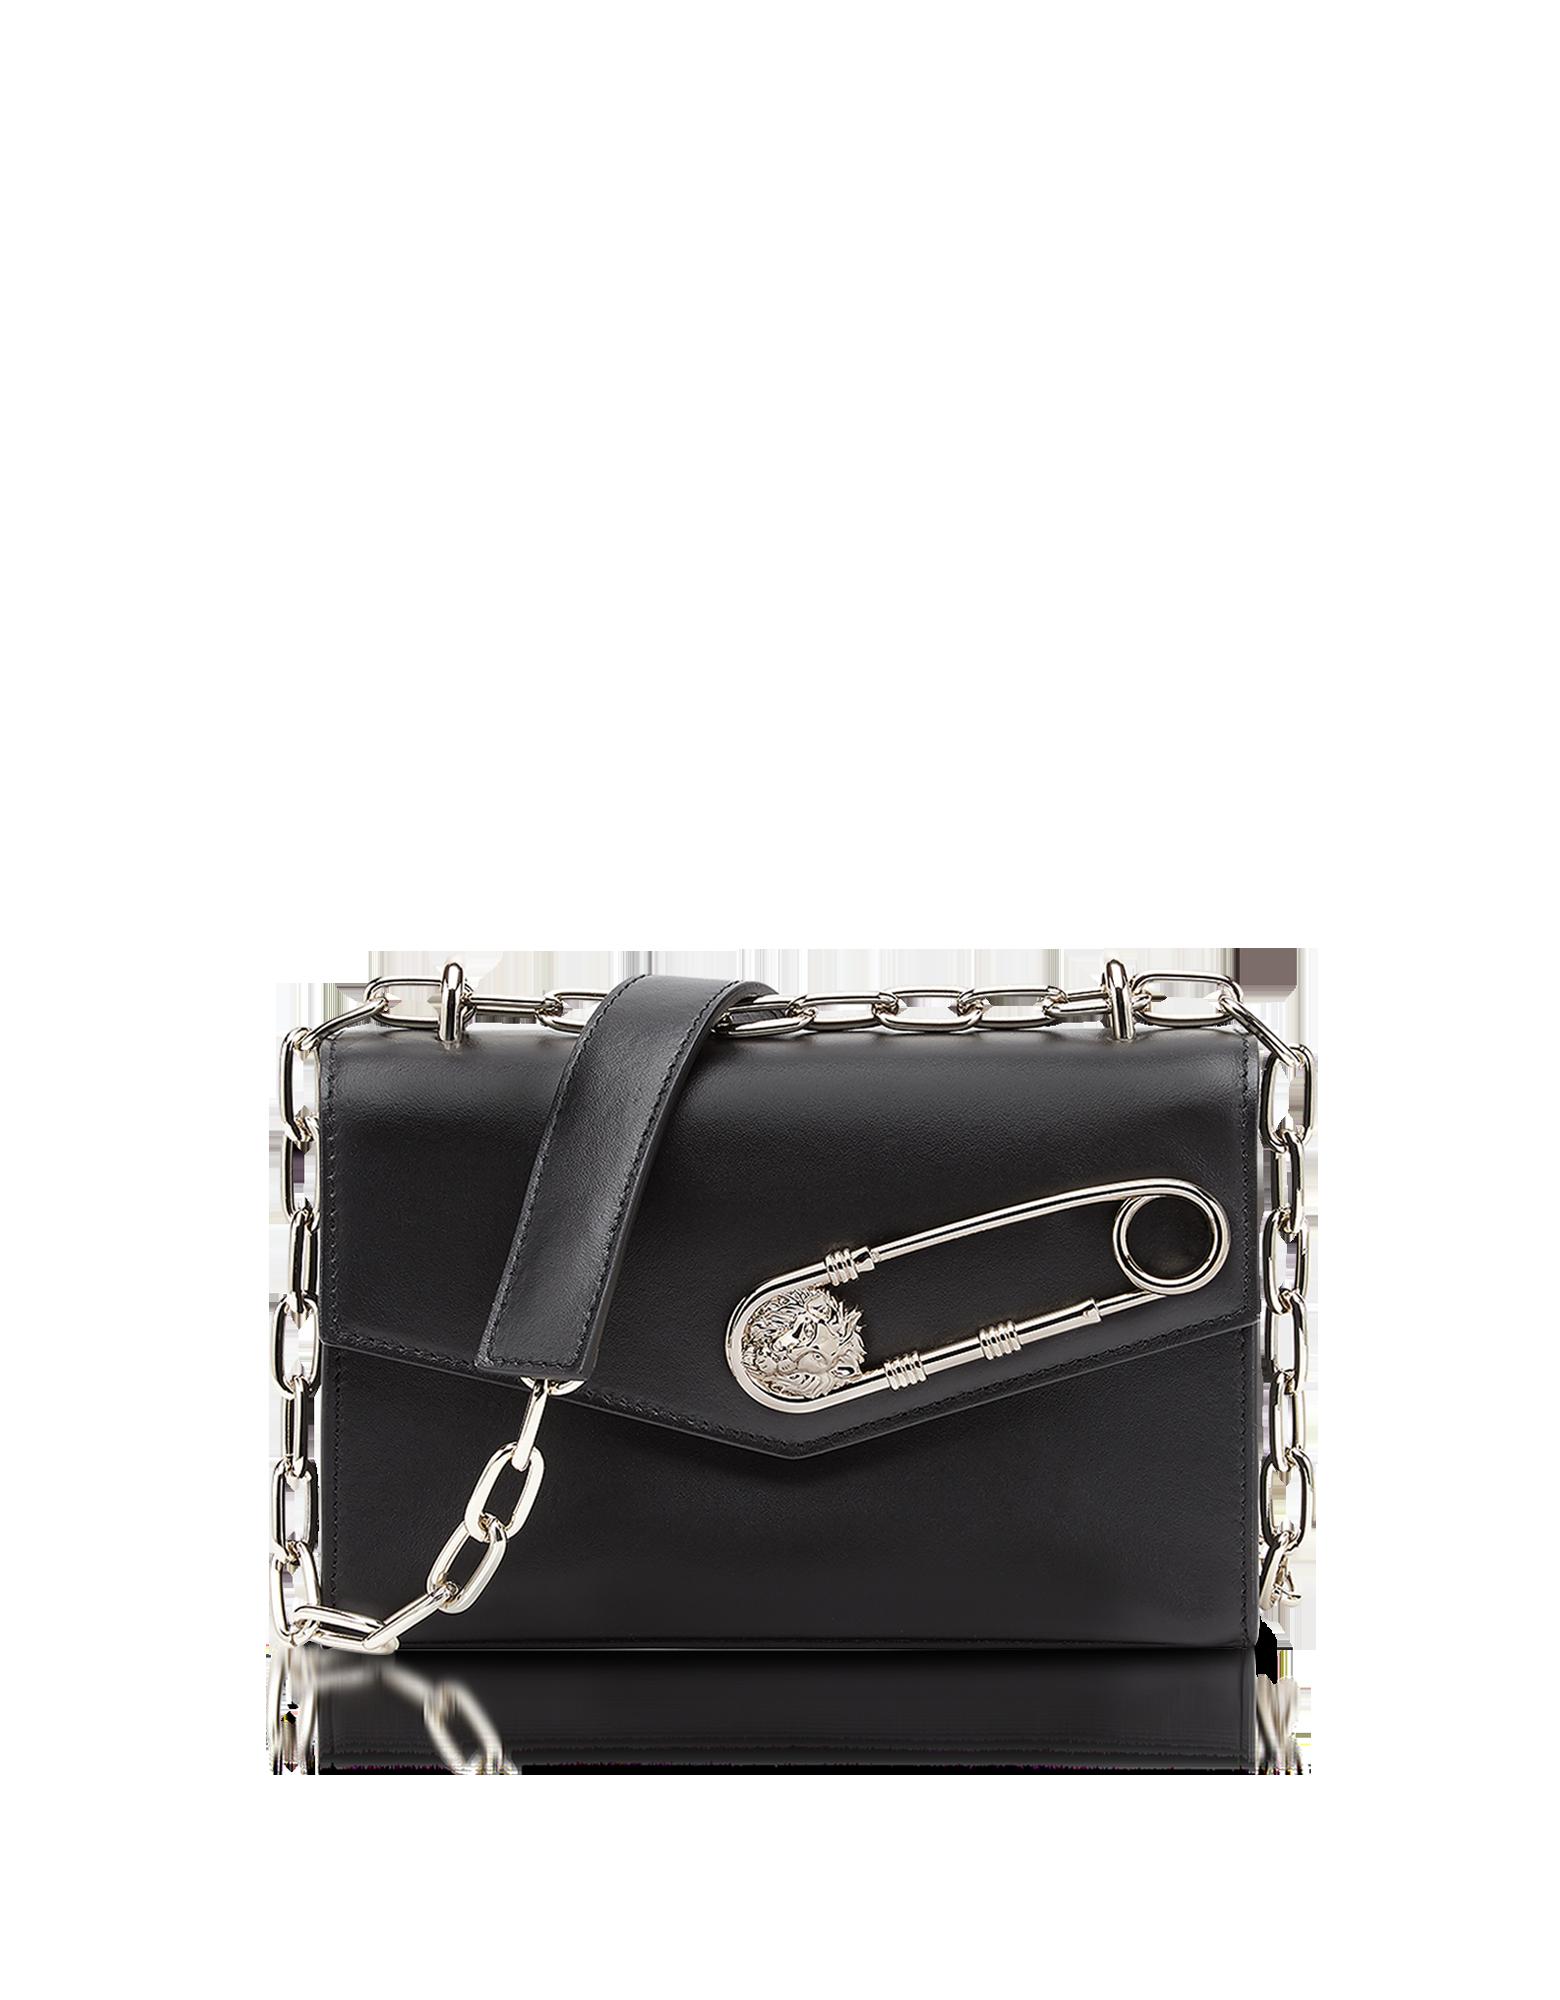 3c0f365a18d6 New Arrivals  Versace Versus - Black Leather Shoulder Bag w Safety ...